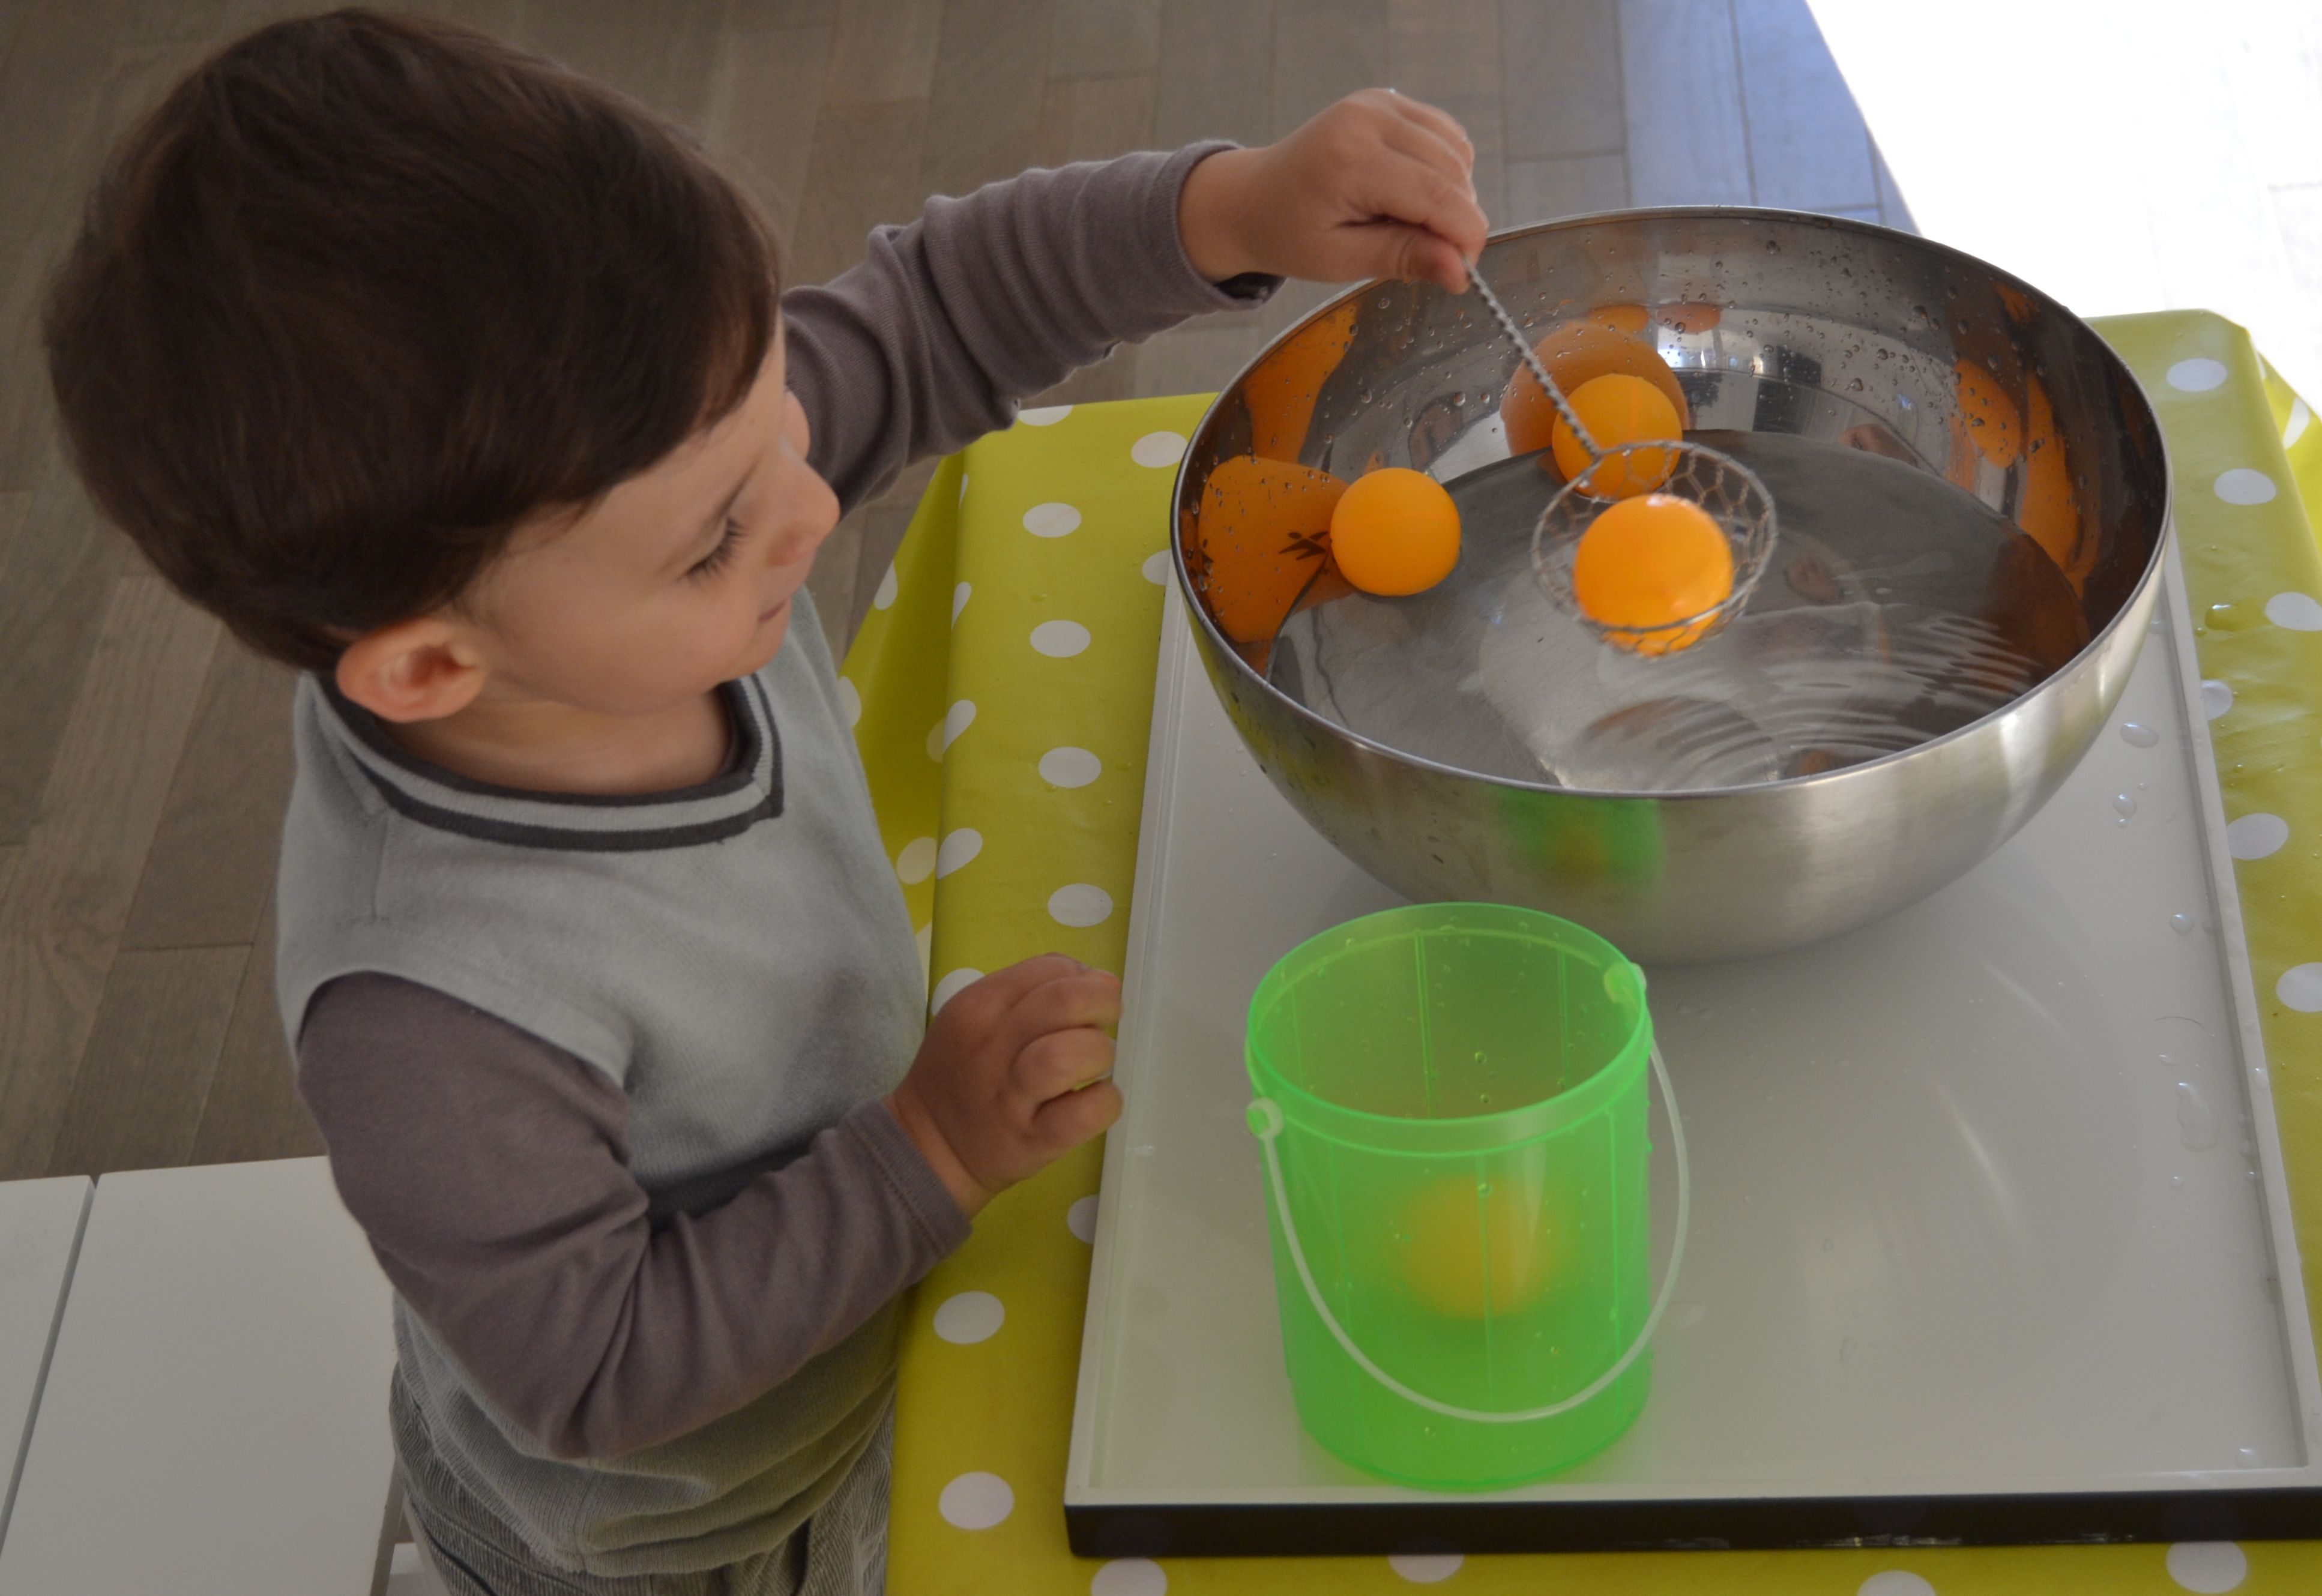 Bien connu L'Activité Montessori du Jour : partie de pêche   Le Blog de Maman K. ZP16